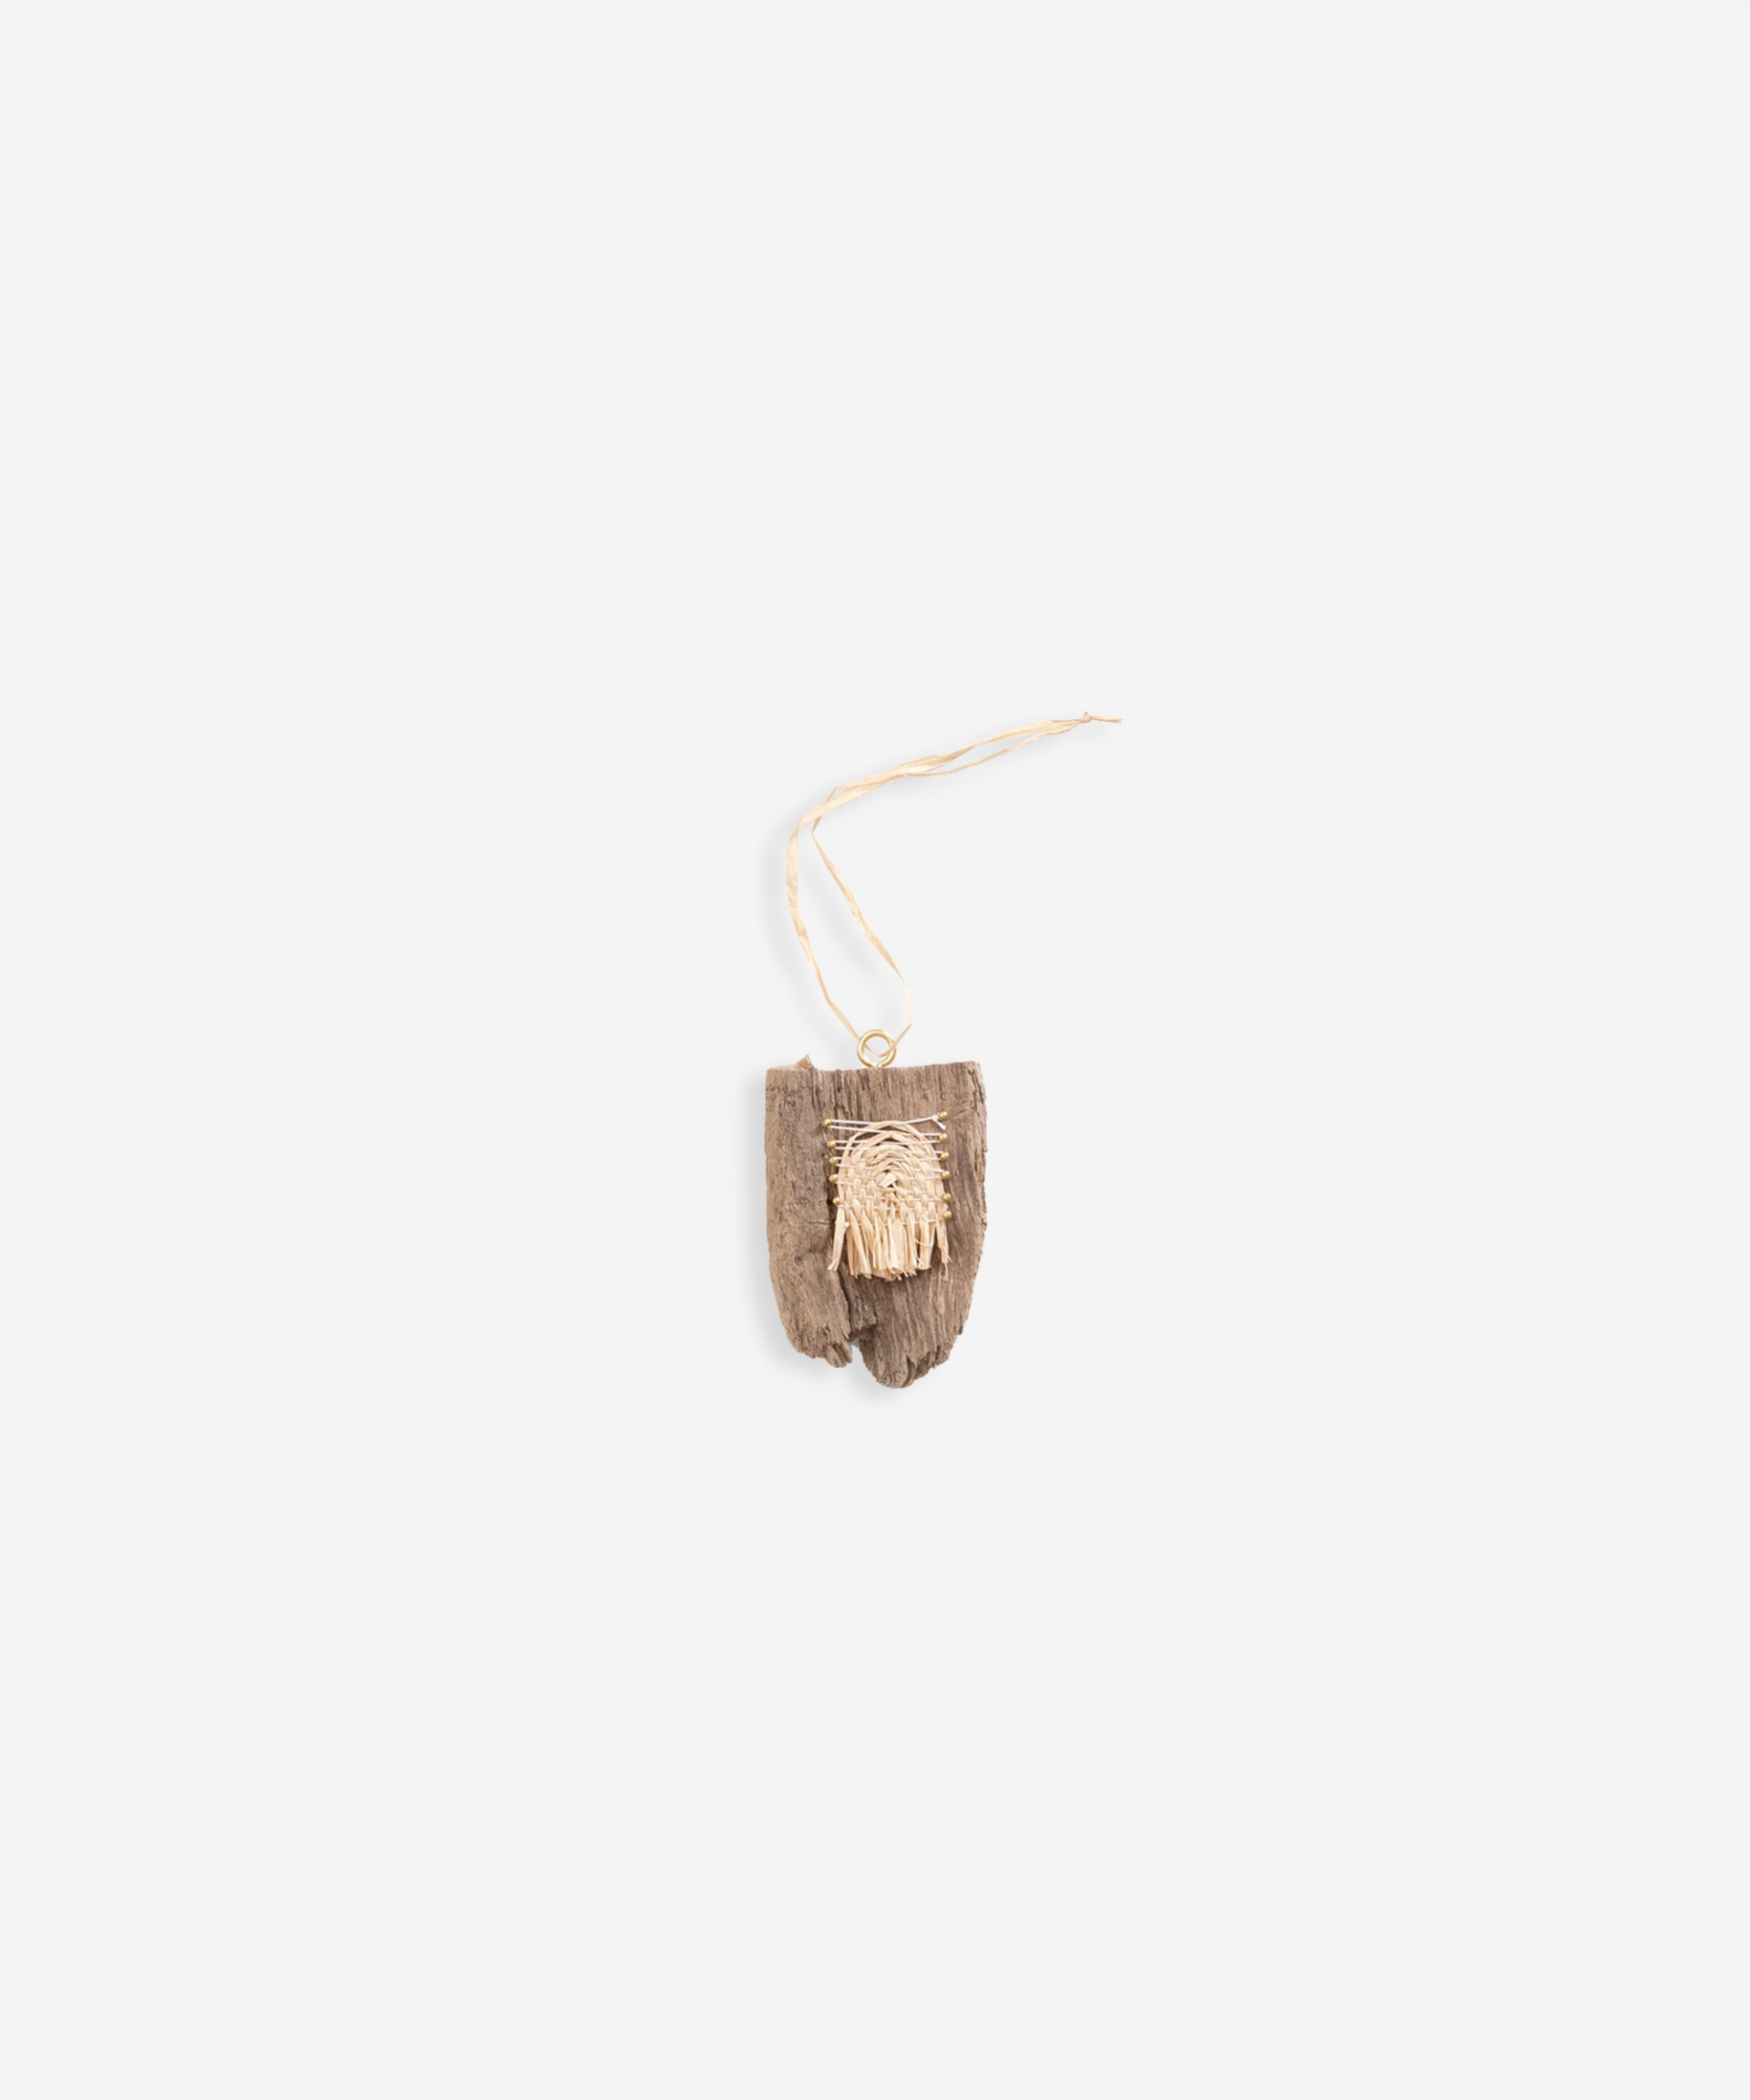 Wooden pendent | Weaving